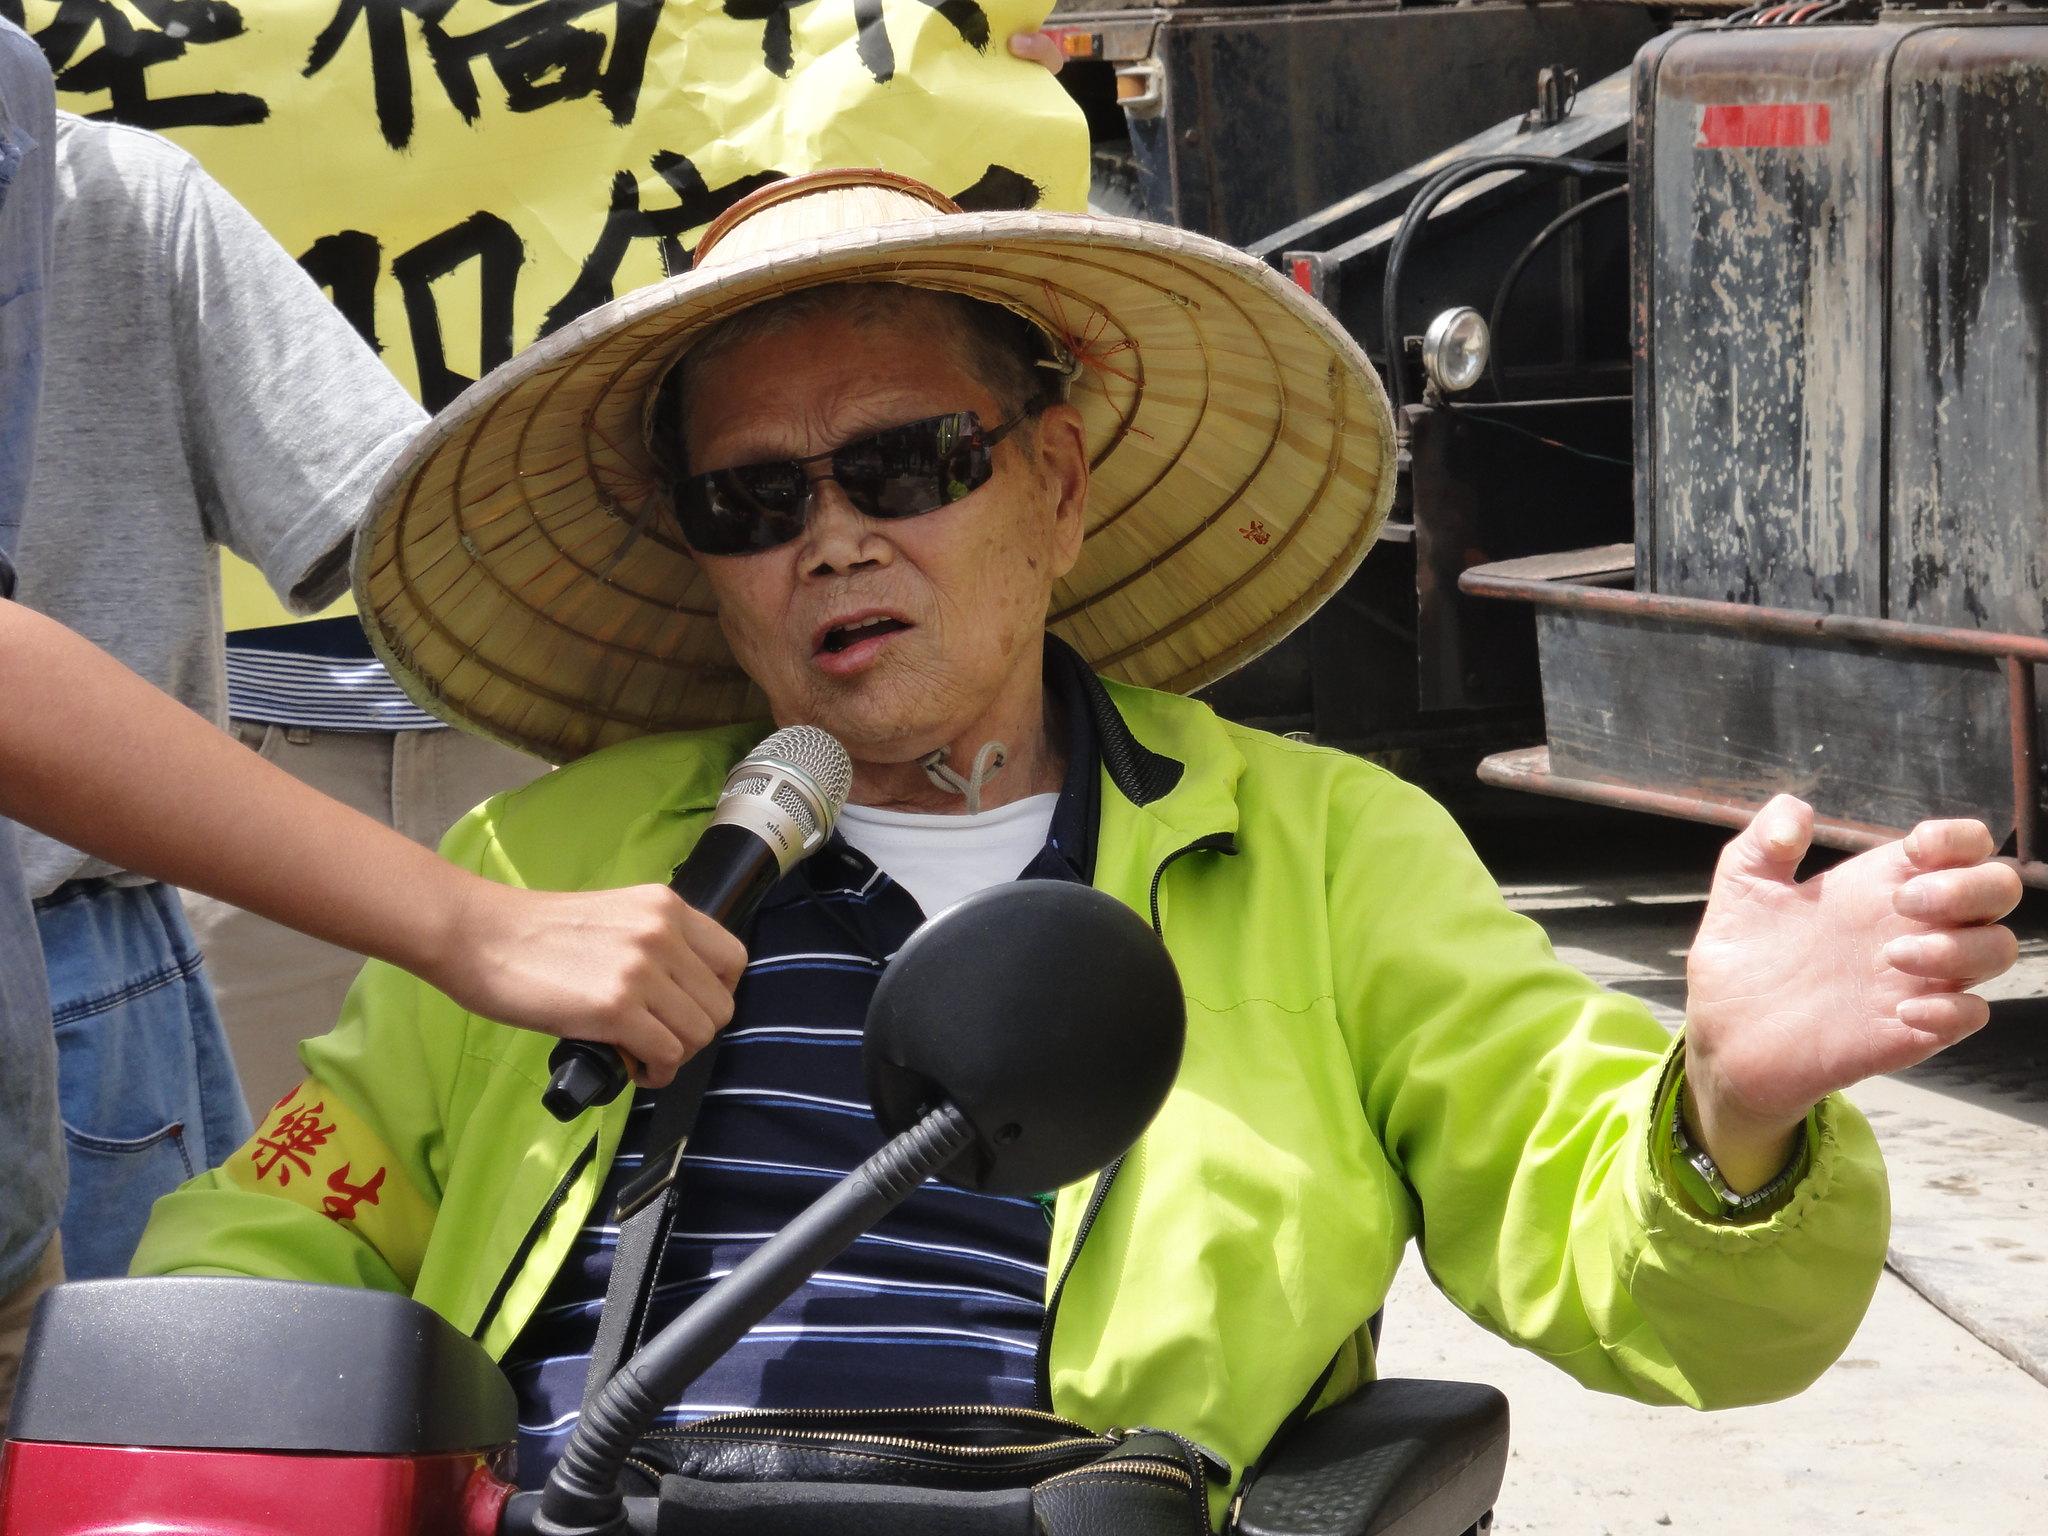 樂生自救會榮譽會長李添培批評捷運局信用破產。(攝影:張智琦)